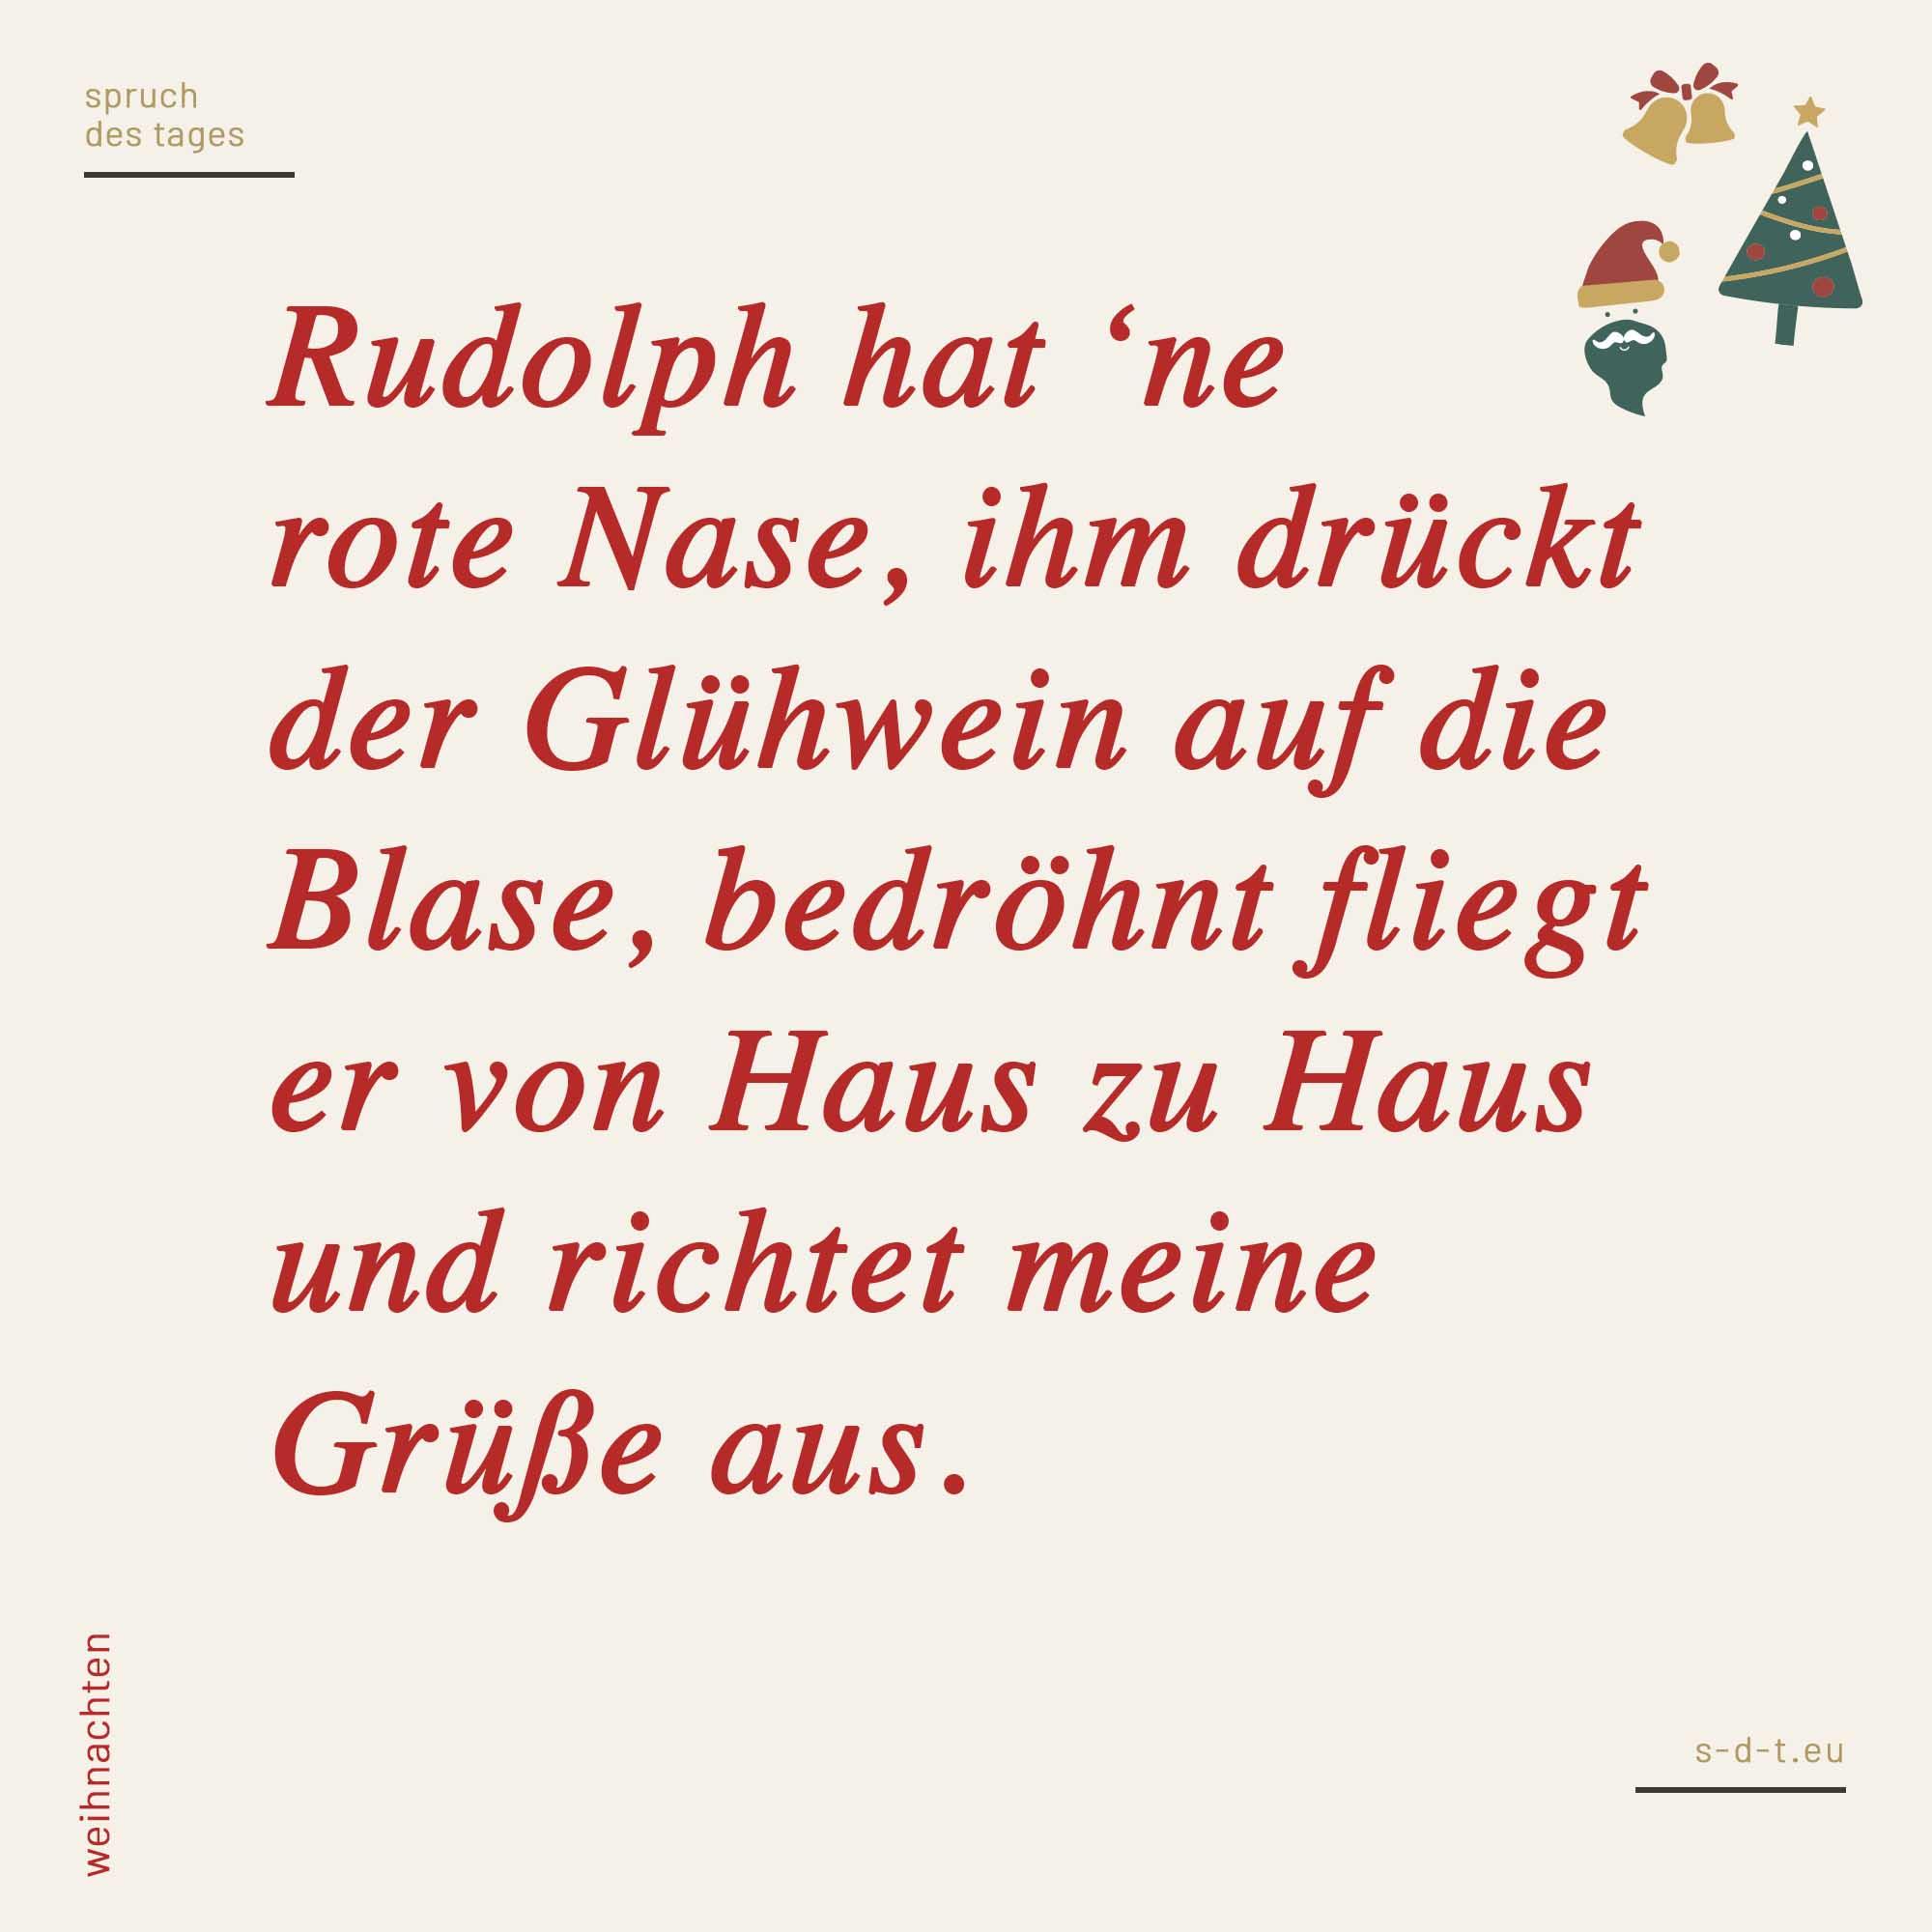 Rudolph Hat Ne Rote Nase Ihm Drückt Der Glühwein Auf Die